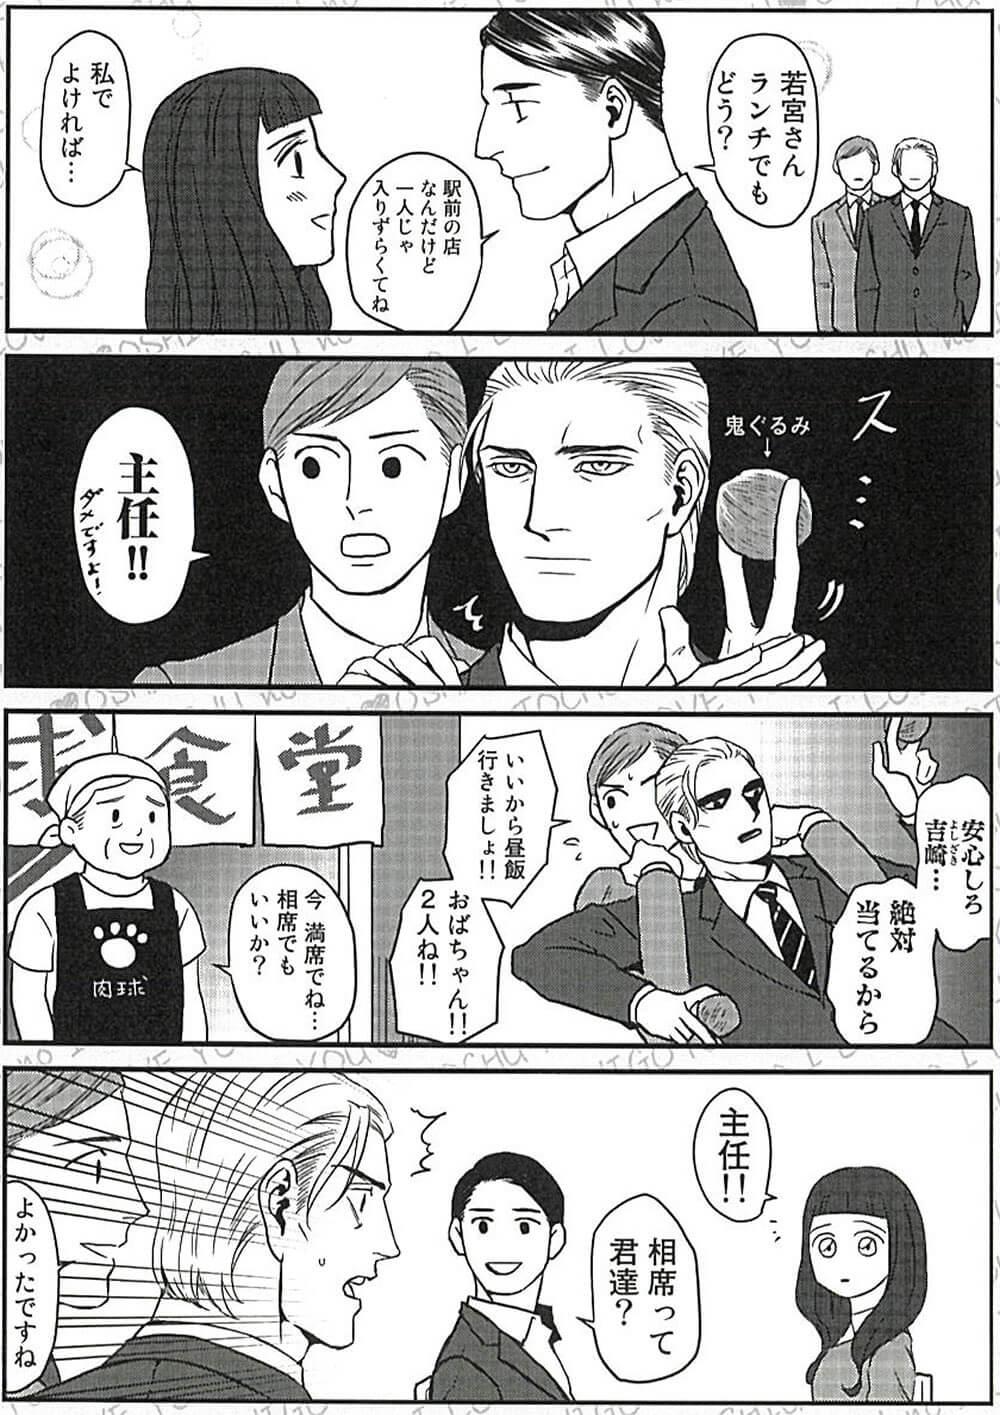 上司が新入社員に恋する漫画3-3